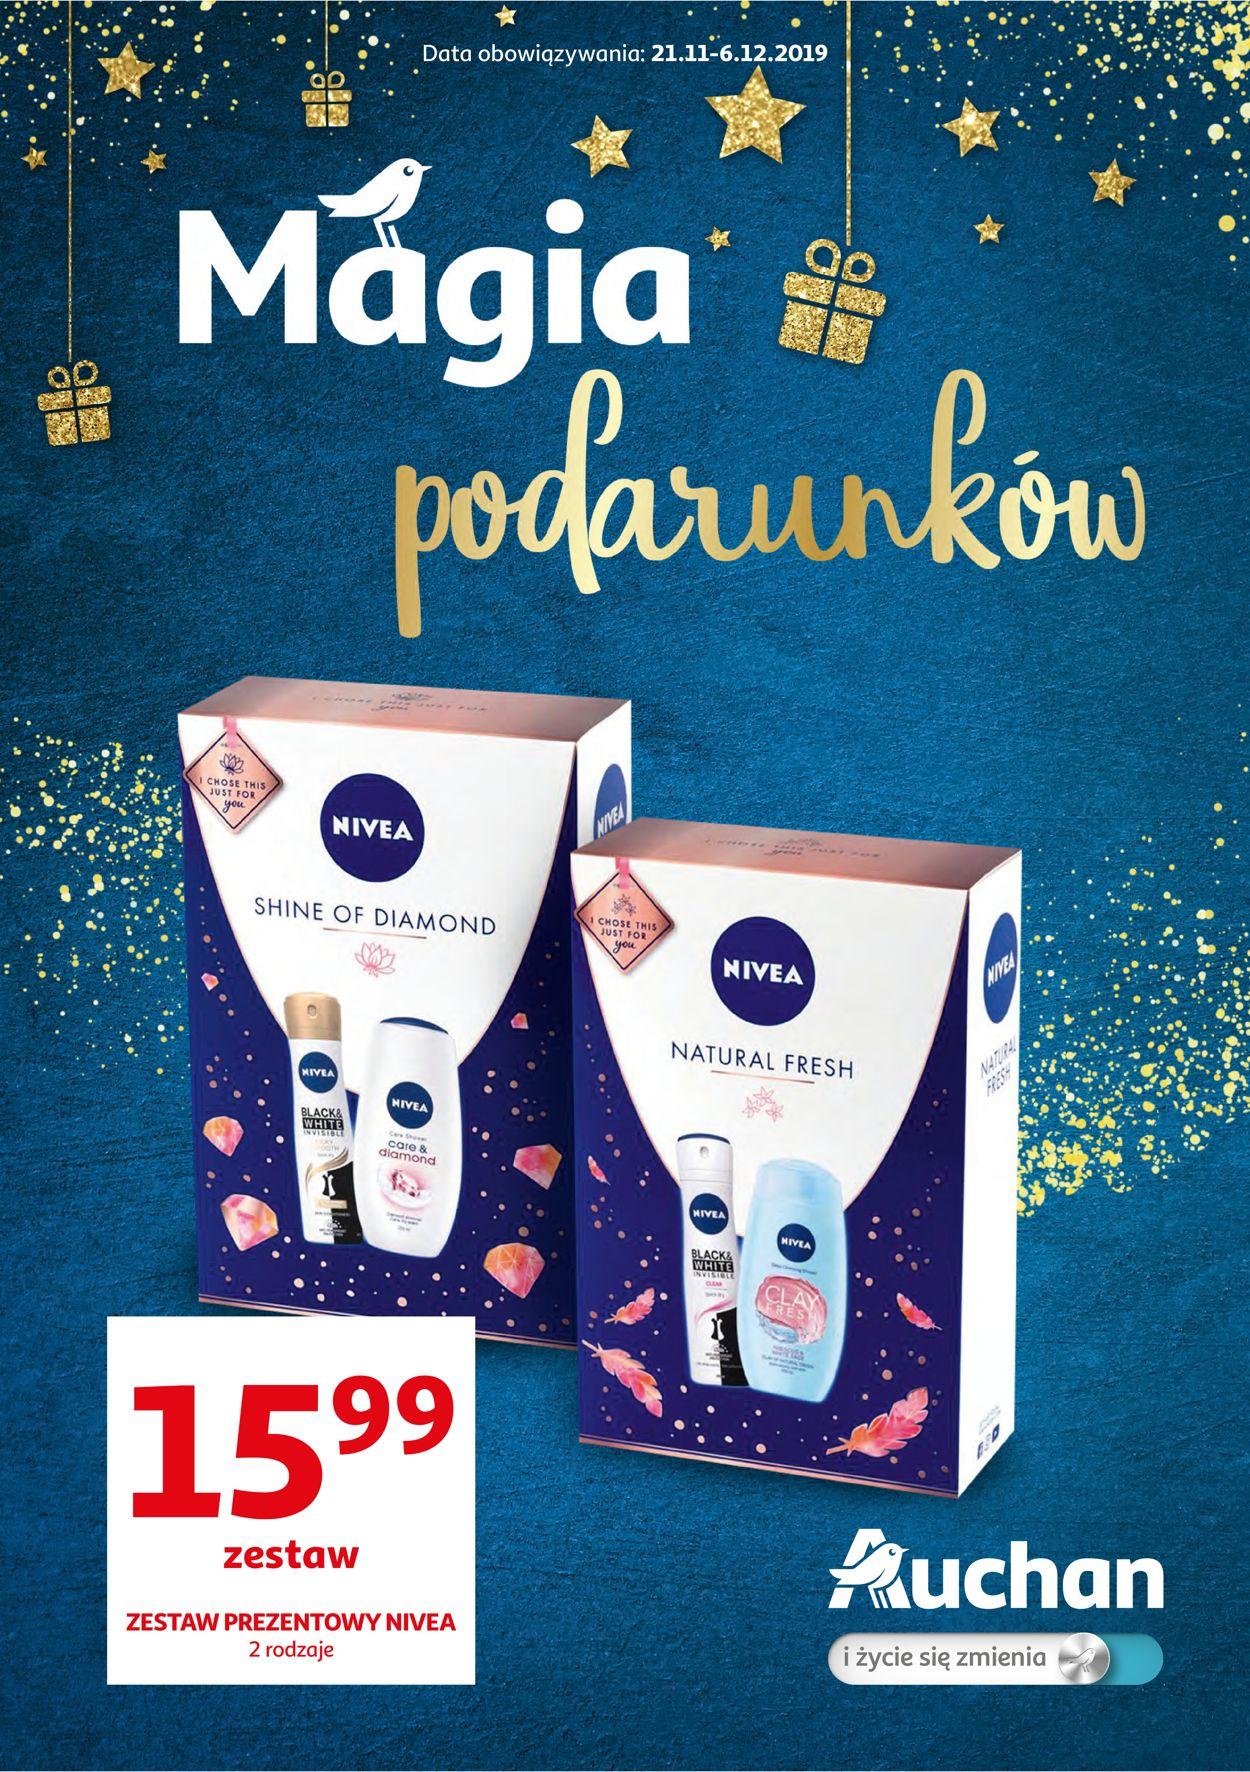 Gazetka promocyjna Auchan - Magia podarunków 2019 - 21.11-06.12.2019